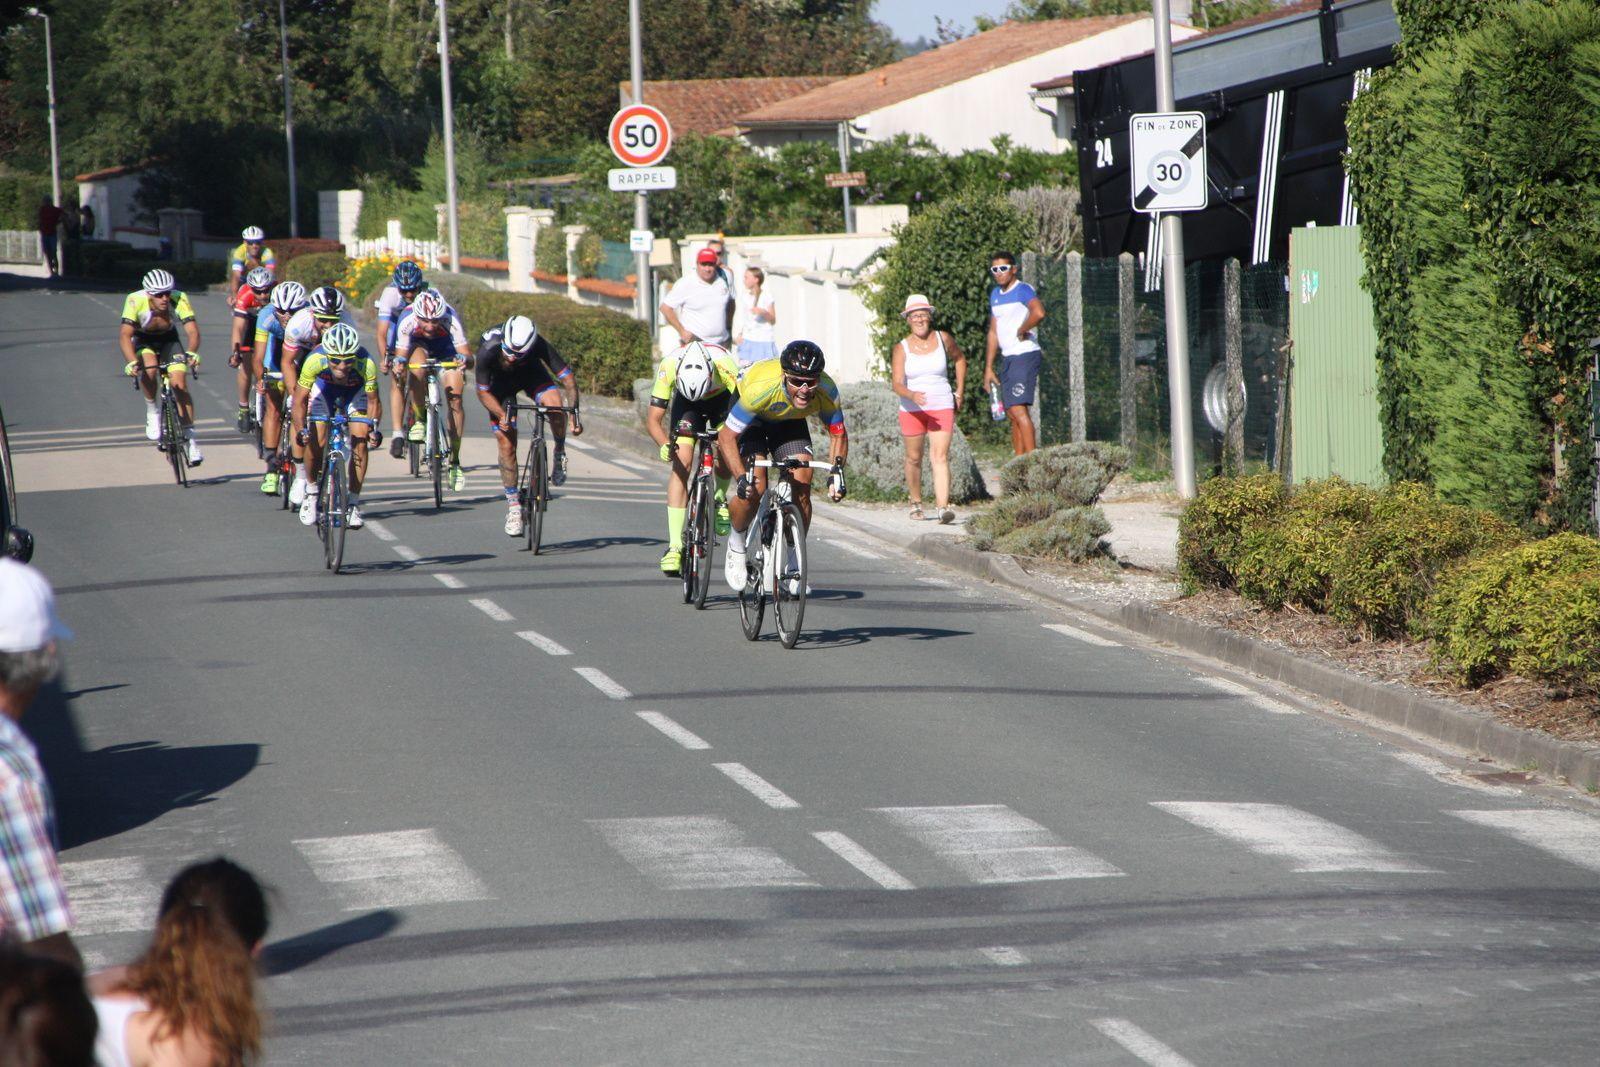 L'arrivée  et  la  victoire  au  sprint  pour  Arnaud  CHAUMET(V  Naintré), 2e  Simon  BRUET(EC 3M), 3e  Olivier  DEMOULIN(US Maule), 4e  Patrick  BALLANGER(AC Jarnac-Aigre-Rouillac), 5e  Thibaud  BLANCHARD(APOGE), 6e  Corentin  NADON(AC 4B), 7e  Arnaud  PETIT(FS St Hilaire), 8e  Michaél  DESNOYER(APOGE), 9e  Kevin  PAIN(EC 3M), 10e  Nicolas  LEBOEUF (AC  Etaules), 11e  Frédéric  CARDINEAU(V  Naintré), 12e  Florian  COTTAZ(Angouléme  VC), 13e  Tristan  BOSSIS(VCC  Marennes), 14e  Florent  FRIOU(CC  Chinon), 15e  David  JOSSE(EC  Bourguenay), 16e  Cyrille  MORAND(VC  Saintes).